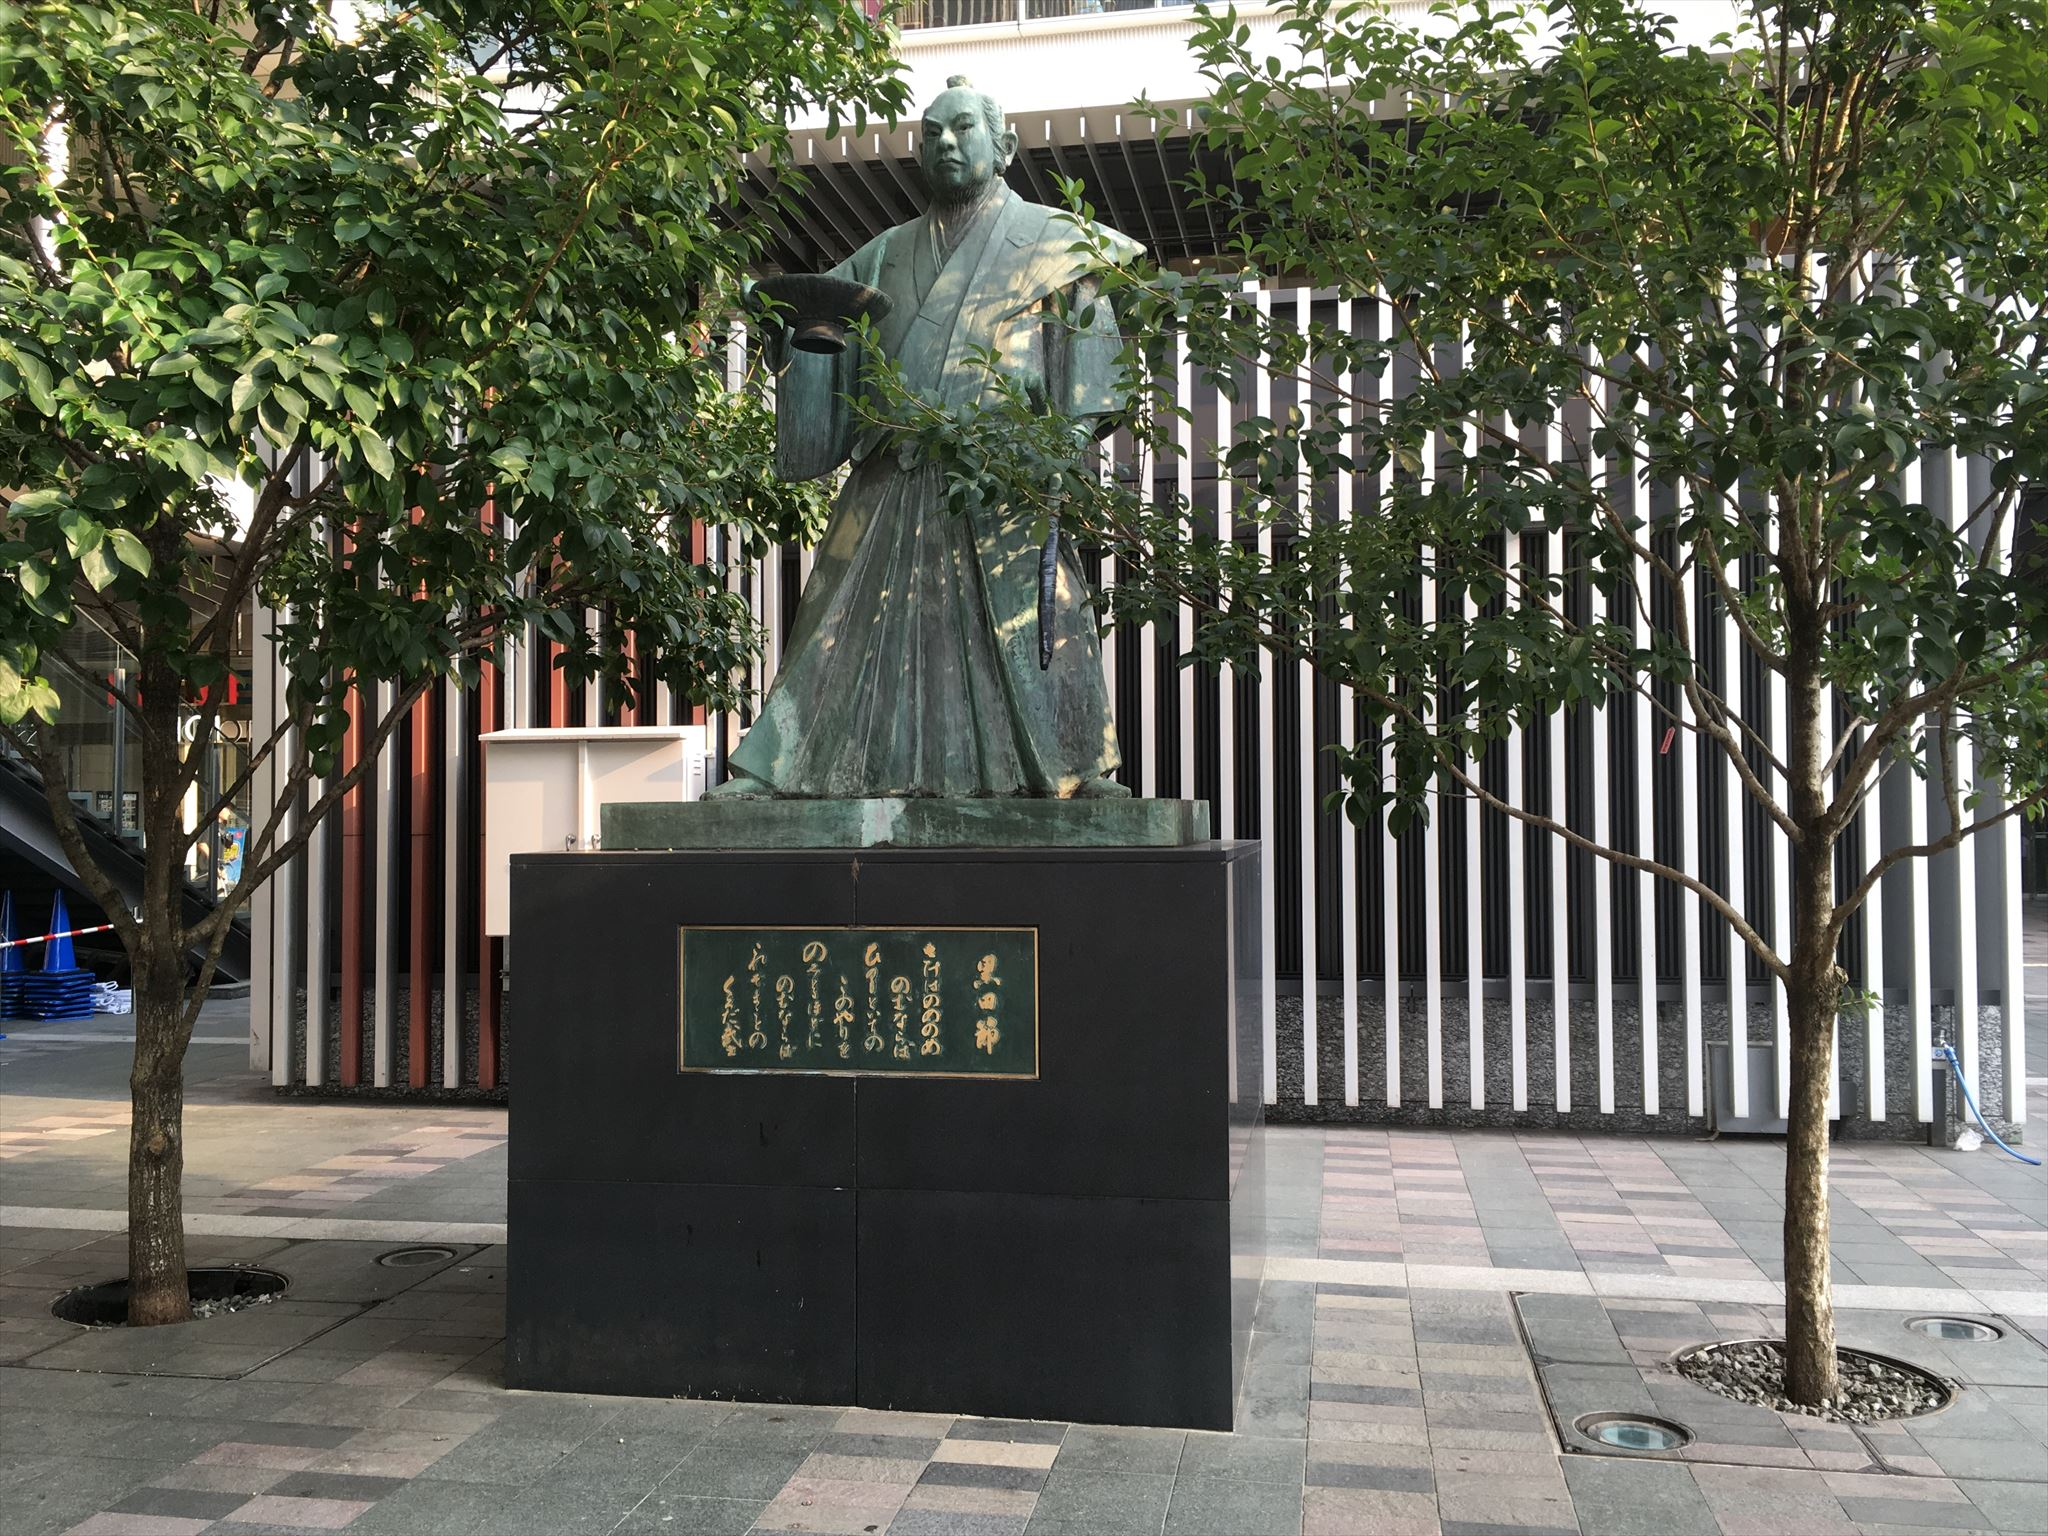 黒田武士の銅像写真 両足を少し広げて立っている。右手に盃、左手に槍を持っている